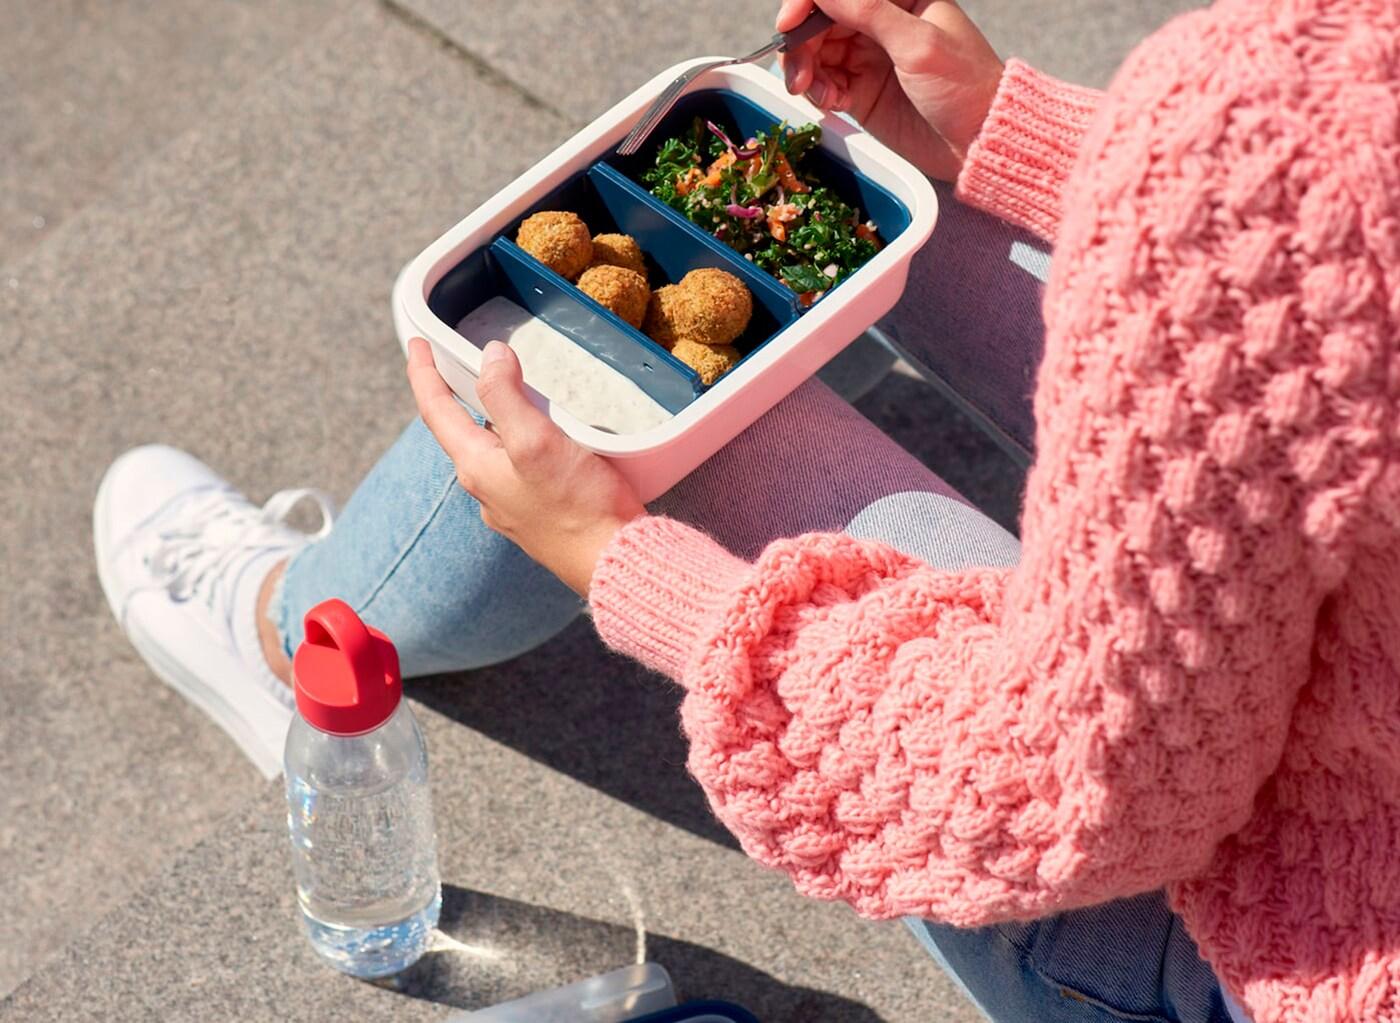 Contenitore per alimenti in plastica e bottiglia in plastica - IKEA